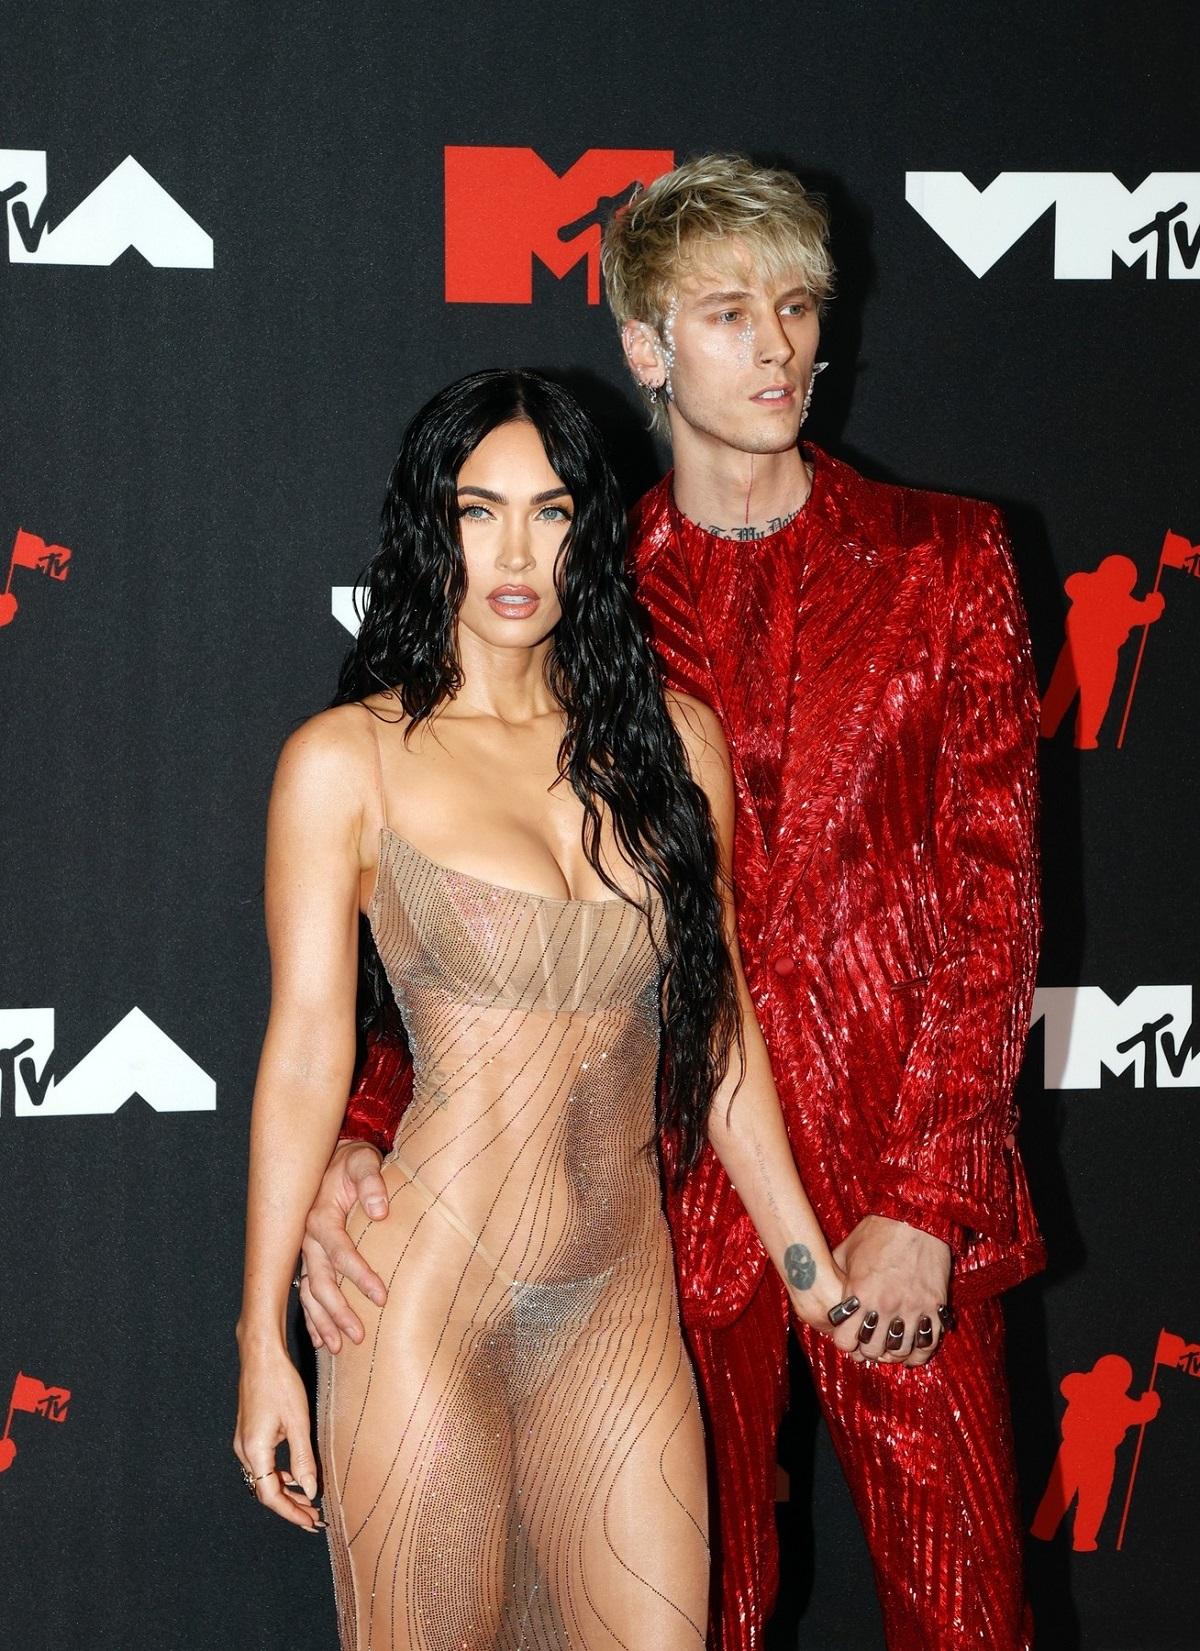 Megan Fox într-o rochie nude, transparentă, alături de iubitul său Machine Gun Kelly care a purtat un costum roșu cu paiete și au făcut parte din ținutele excentrice ale MTV VMA 2021